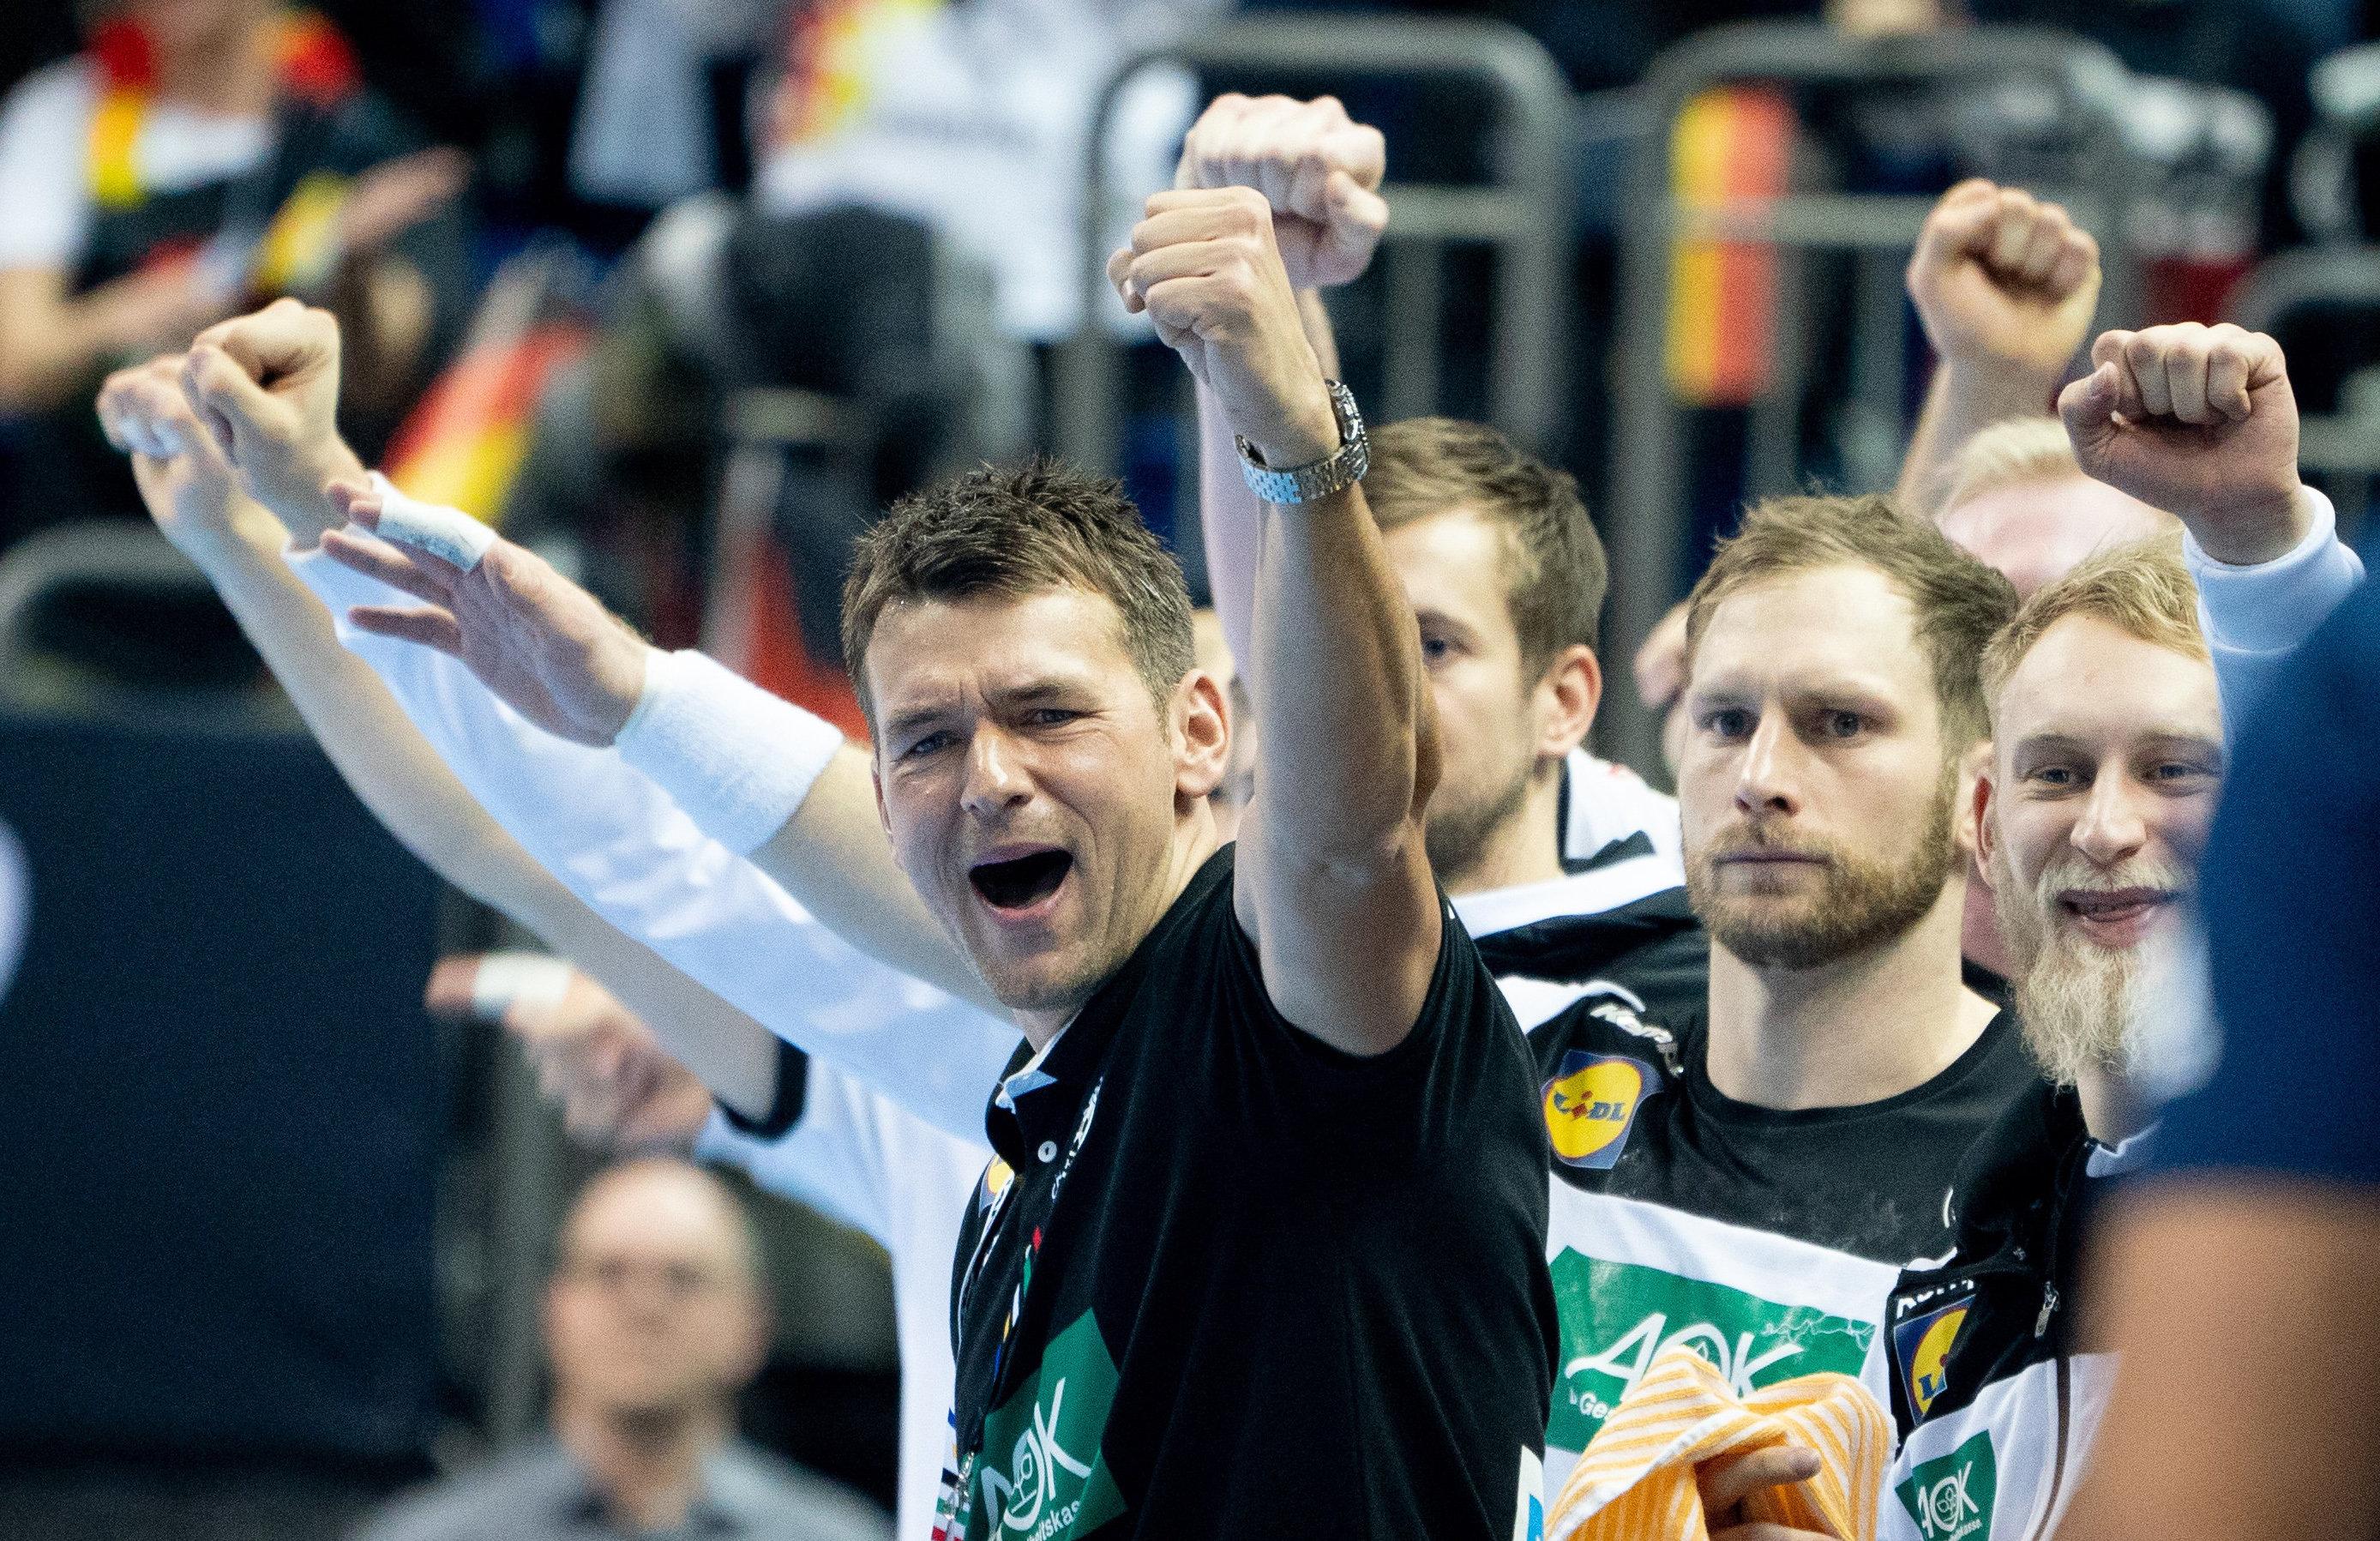 Modus Der Handball Wm 2019 Wie Geht Es Für Deutschland Weiter